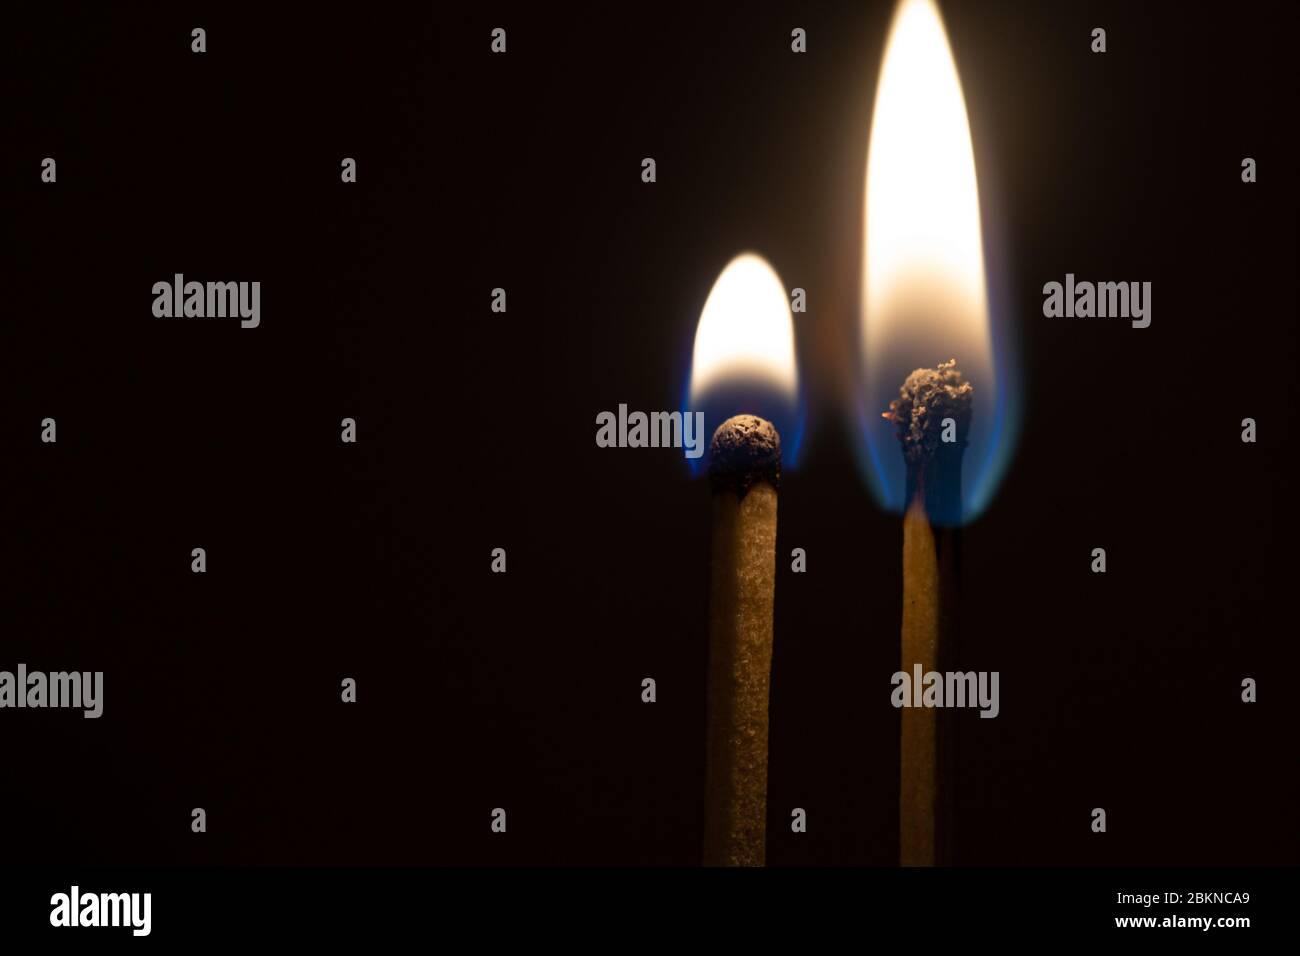 Pasión en llamas. Pareja-de-cerillas-quemandose-junto-con-la-llama-de-calor-aislada-sobre-un-fondo-negro-2bknca9